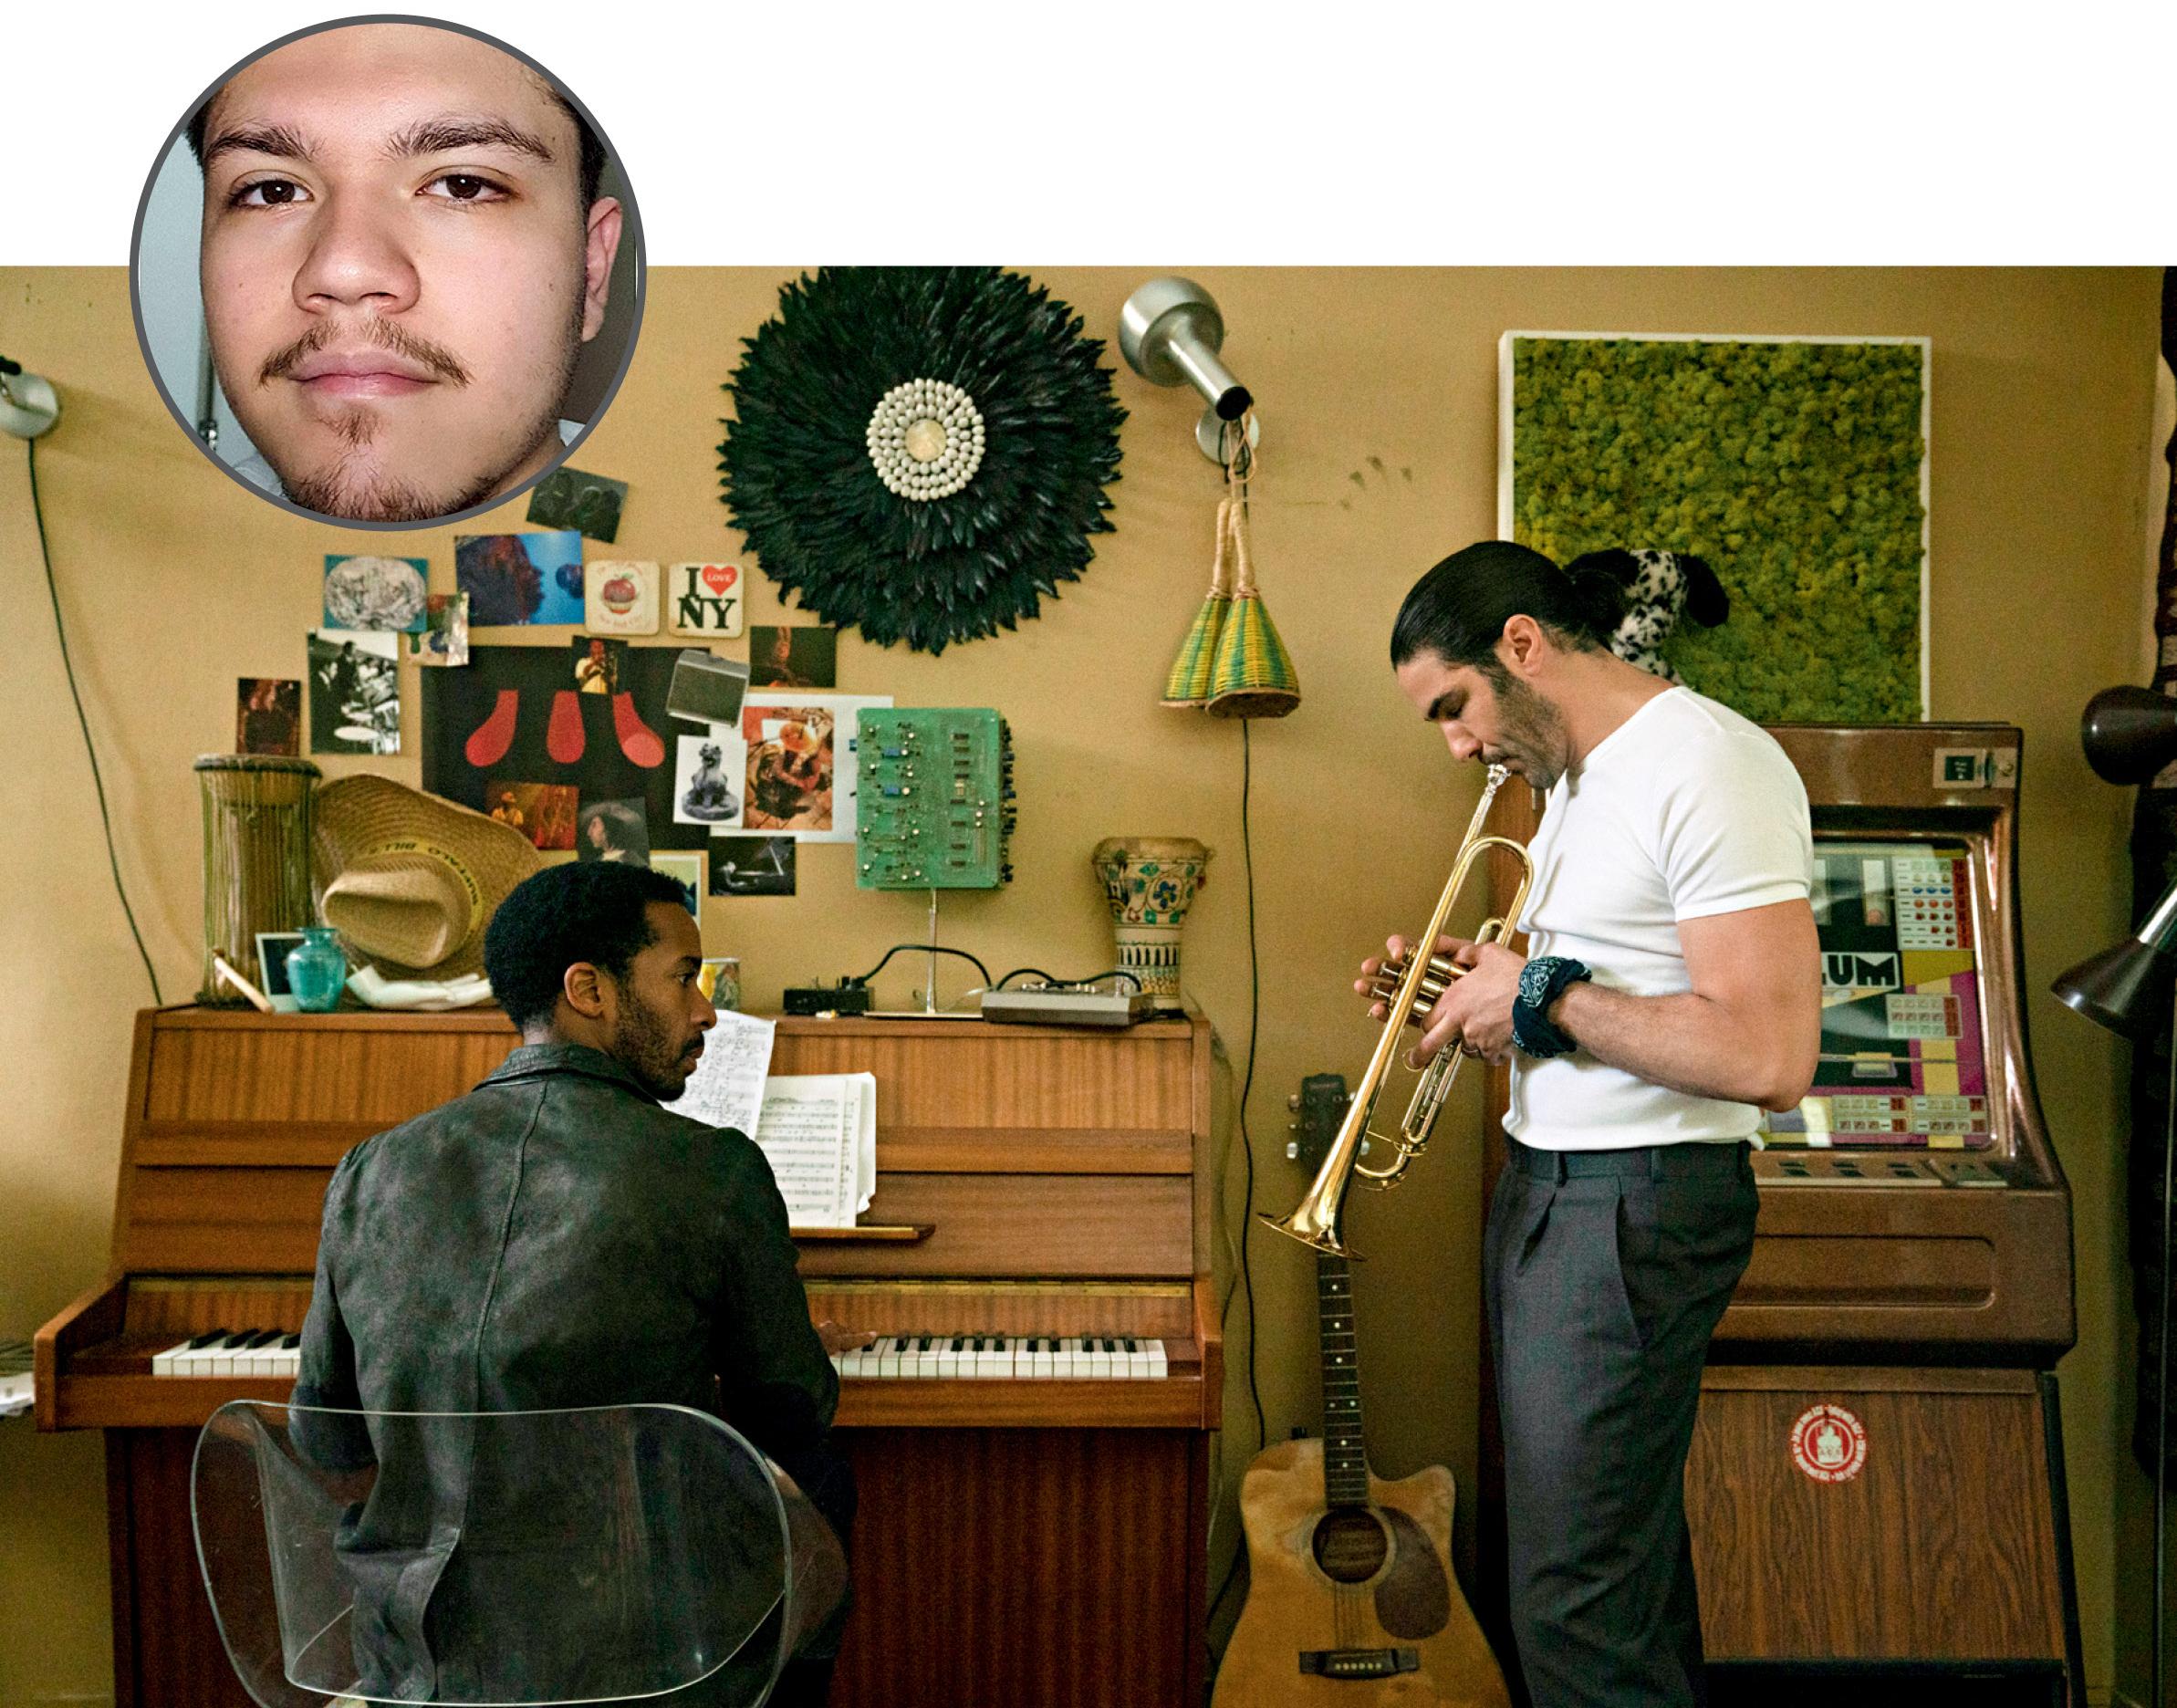 Foto de Guilherme com uma imagem ilustrativa da série The Eddy